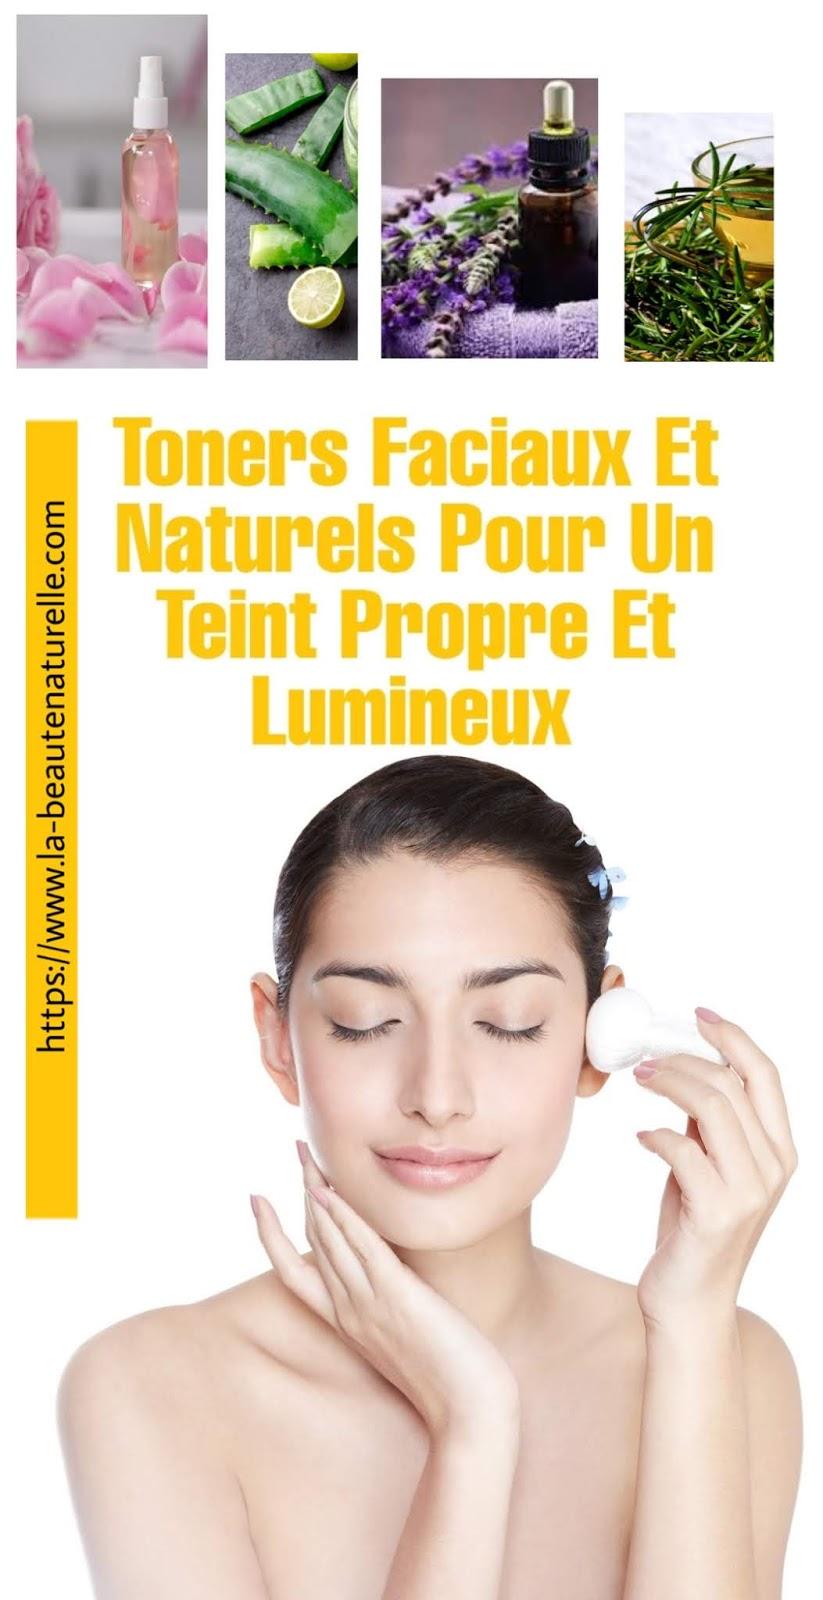 Toners Faciaux Et Naturels Pour Un Teint Propre Et Lumineux